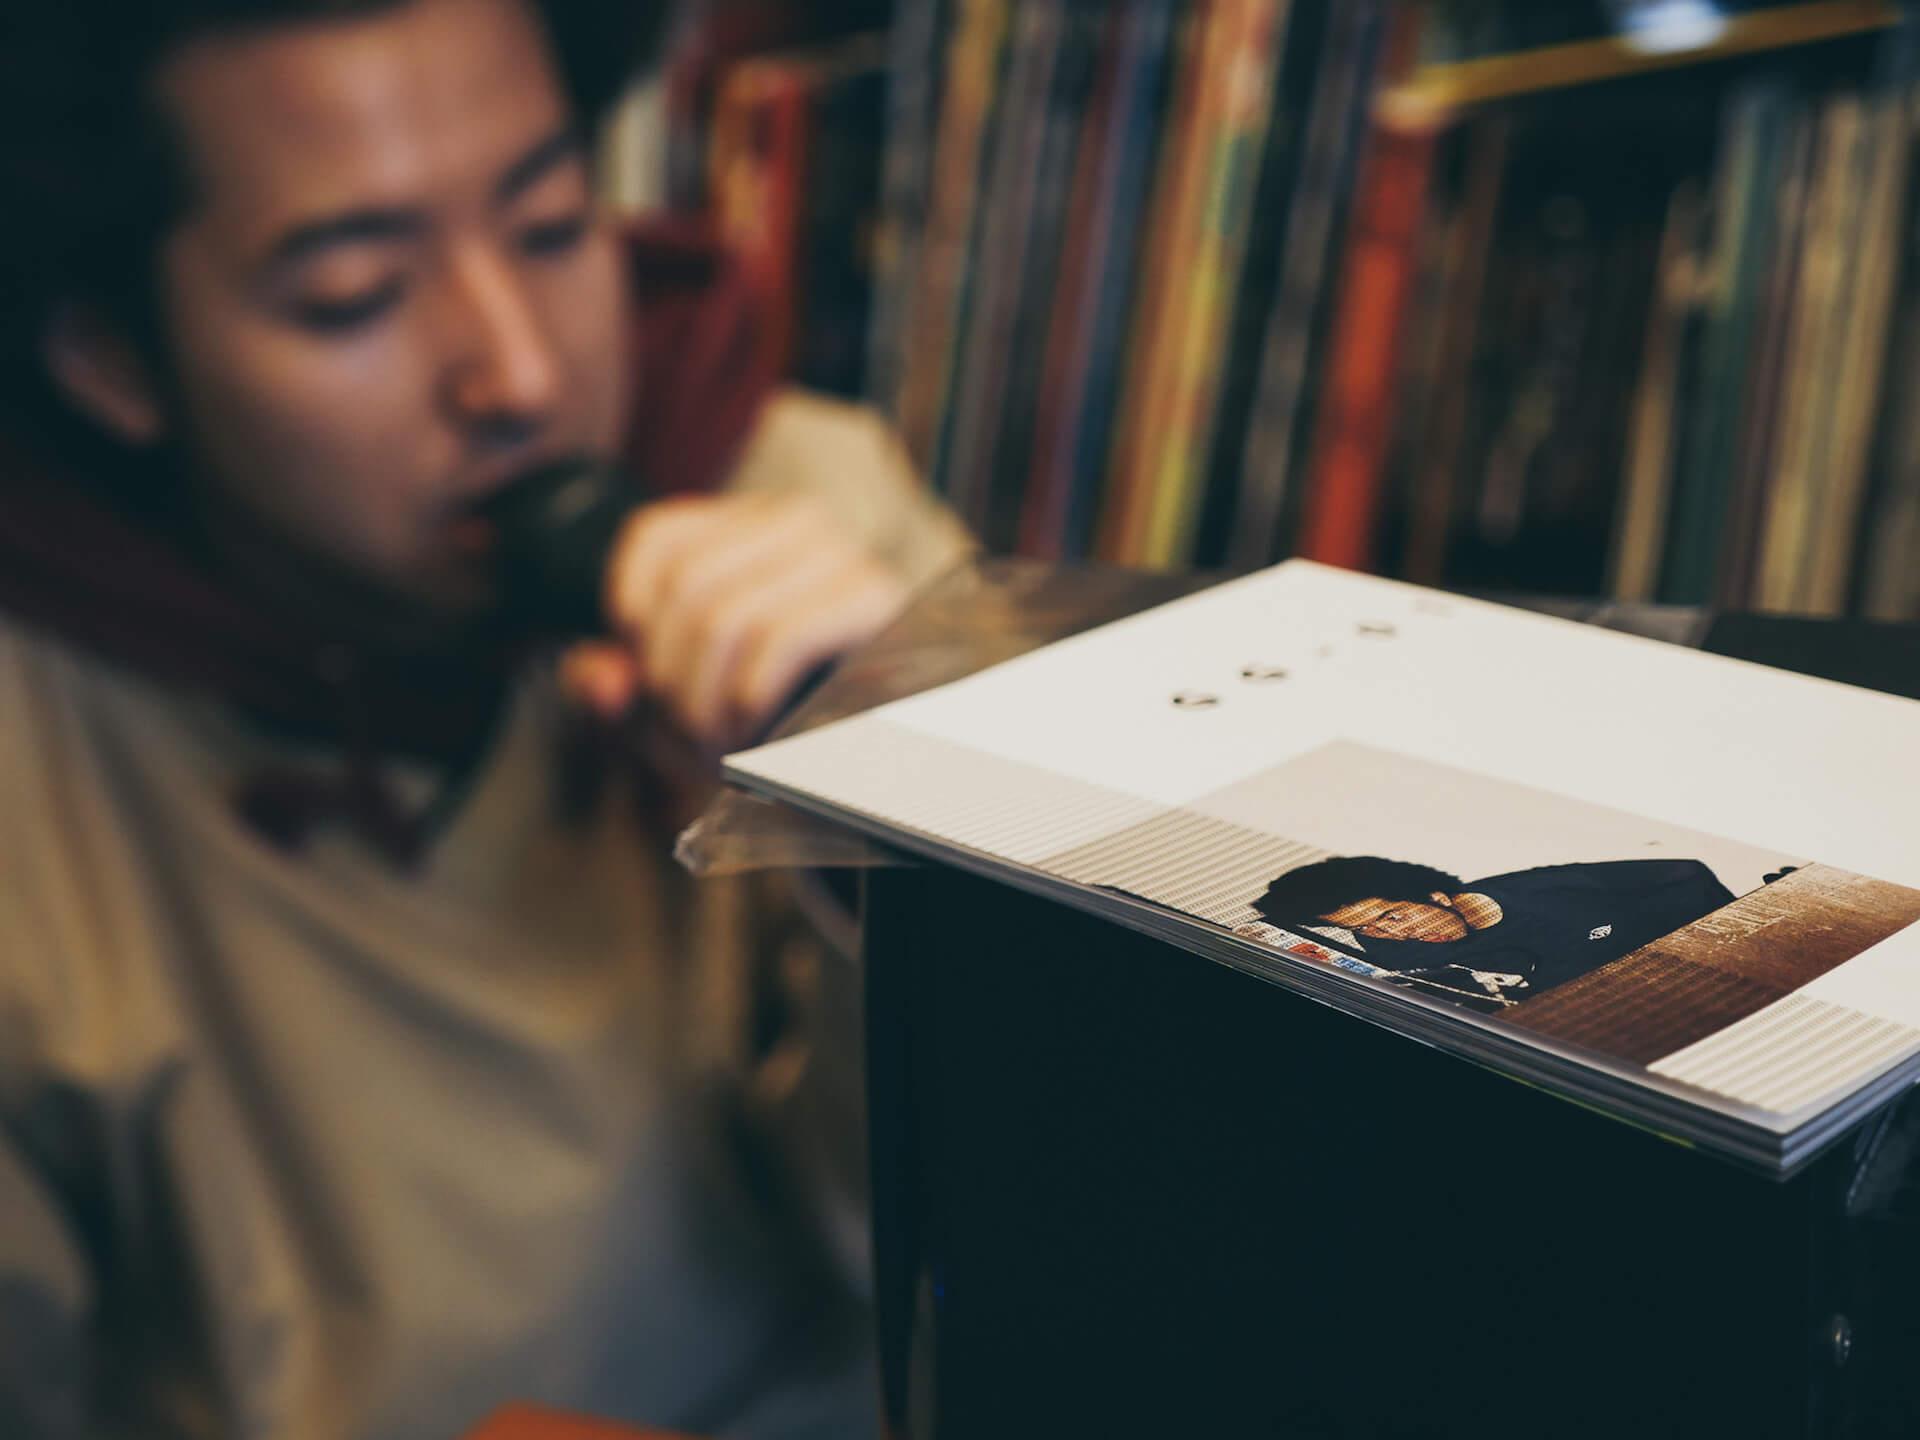 ビートは世界と出会う――BEAT MEETS WORLD x WANDERMAN POP UP in RAH YOKOHAMA REPORT interview-beat-meets-world-pop-up-report-10